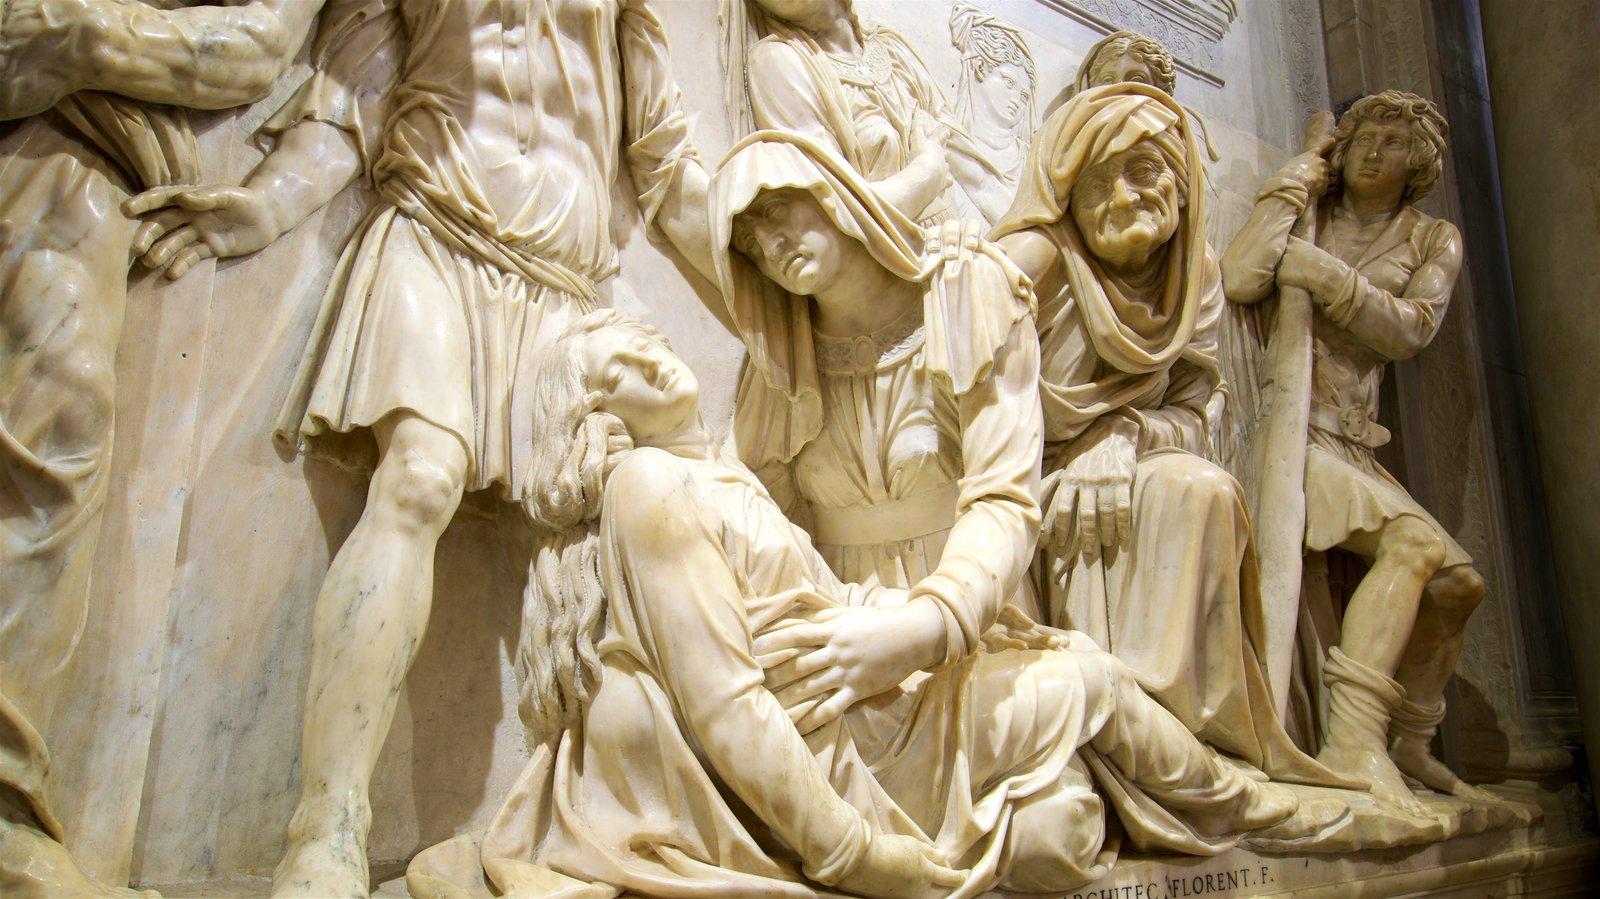 Basilica di Sant\'Antonio da Padova which includes religious elements and a statue or sculpture